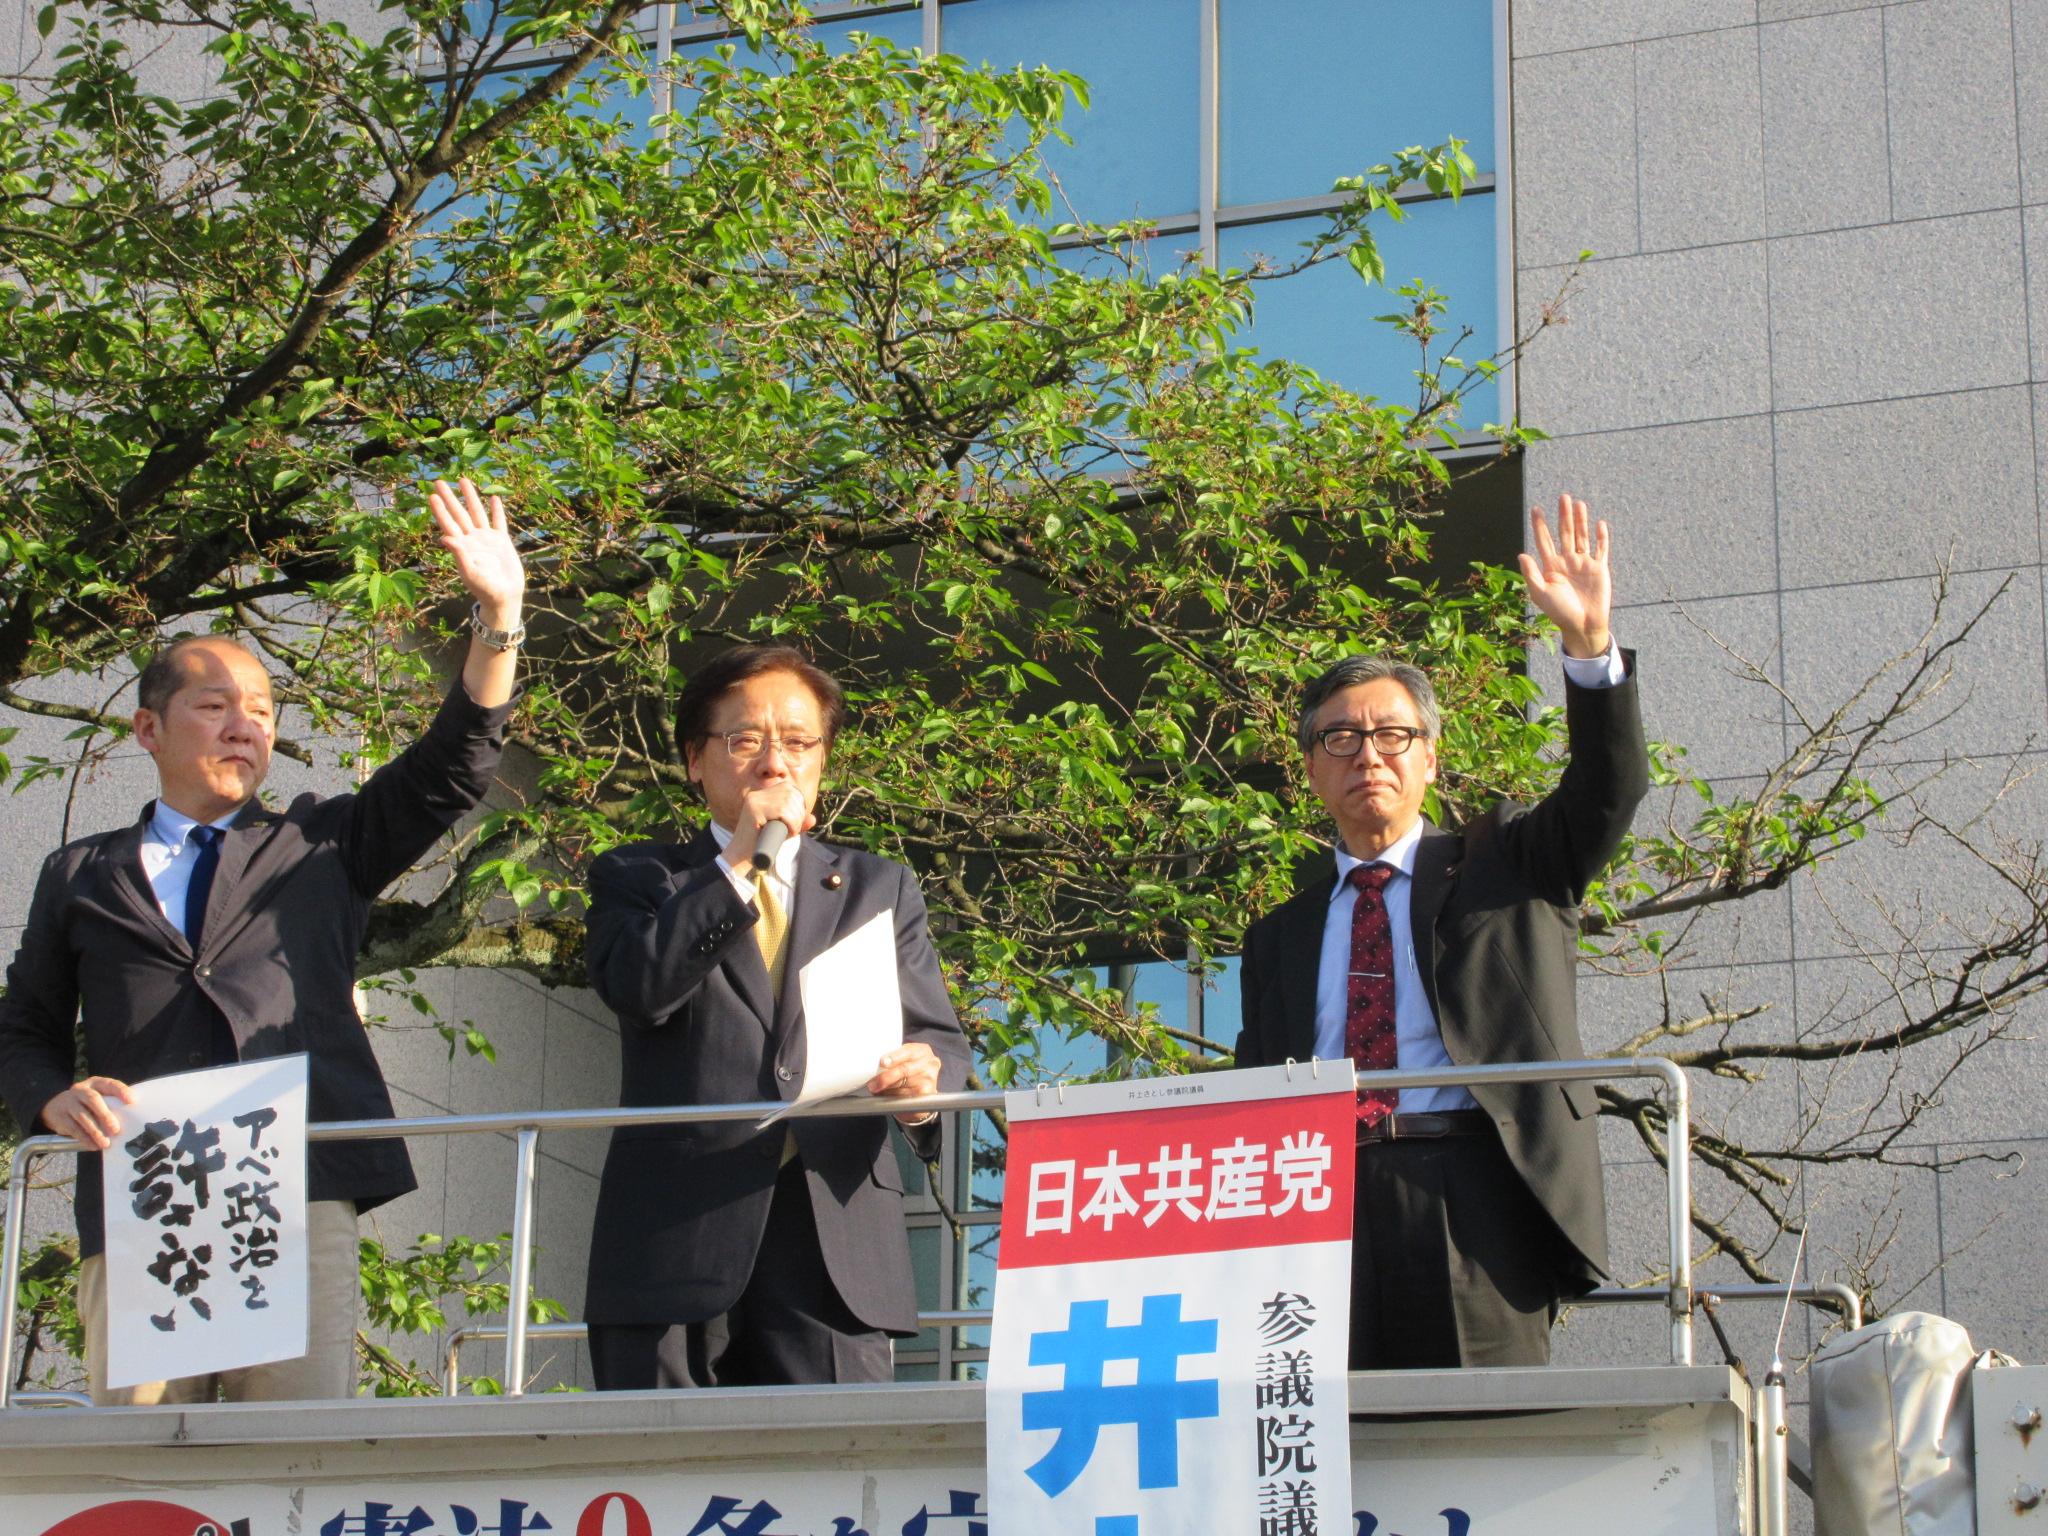 http://www.inoue-satoshi.com/diary/IMG_4362.JPG